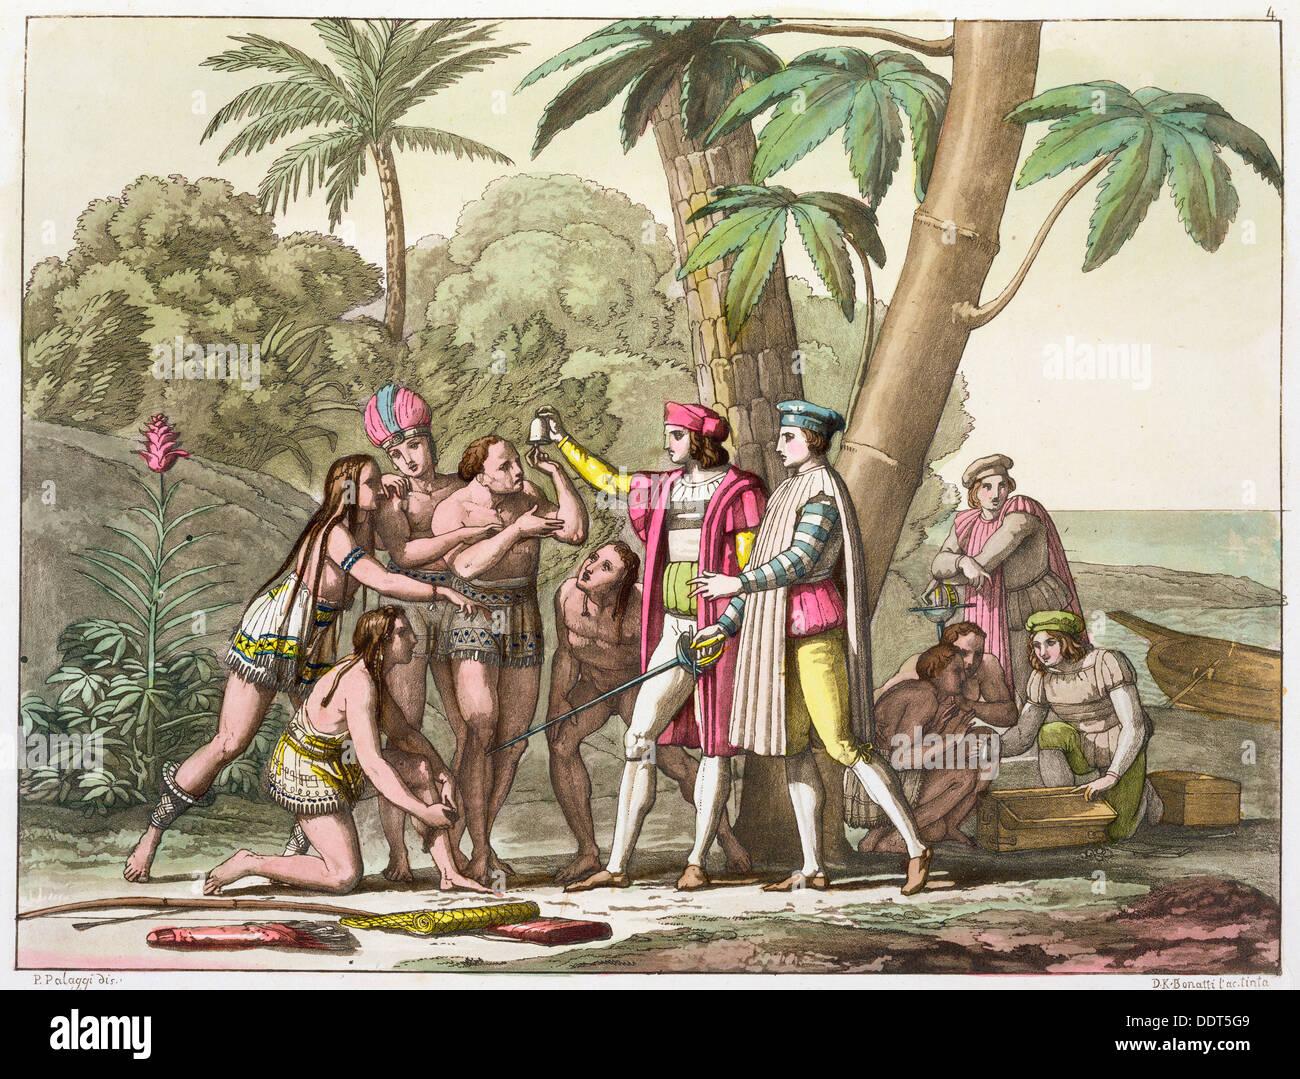 Cristoforo Colombo con i nativi americani, 1492-1503 (c1820-1839). Artista: DK Bonatti Immagini Stock